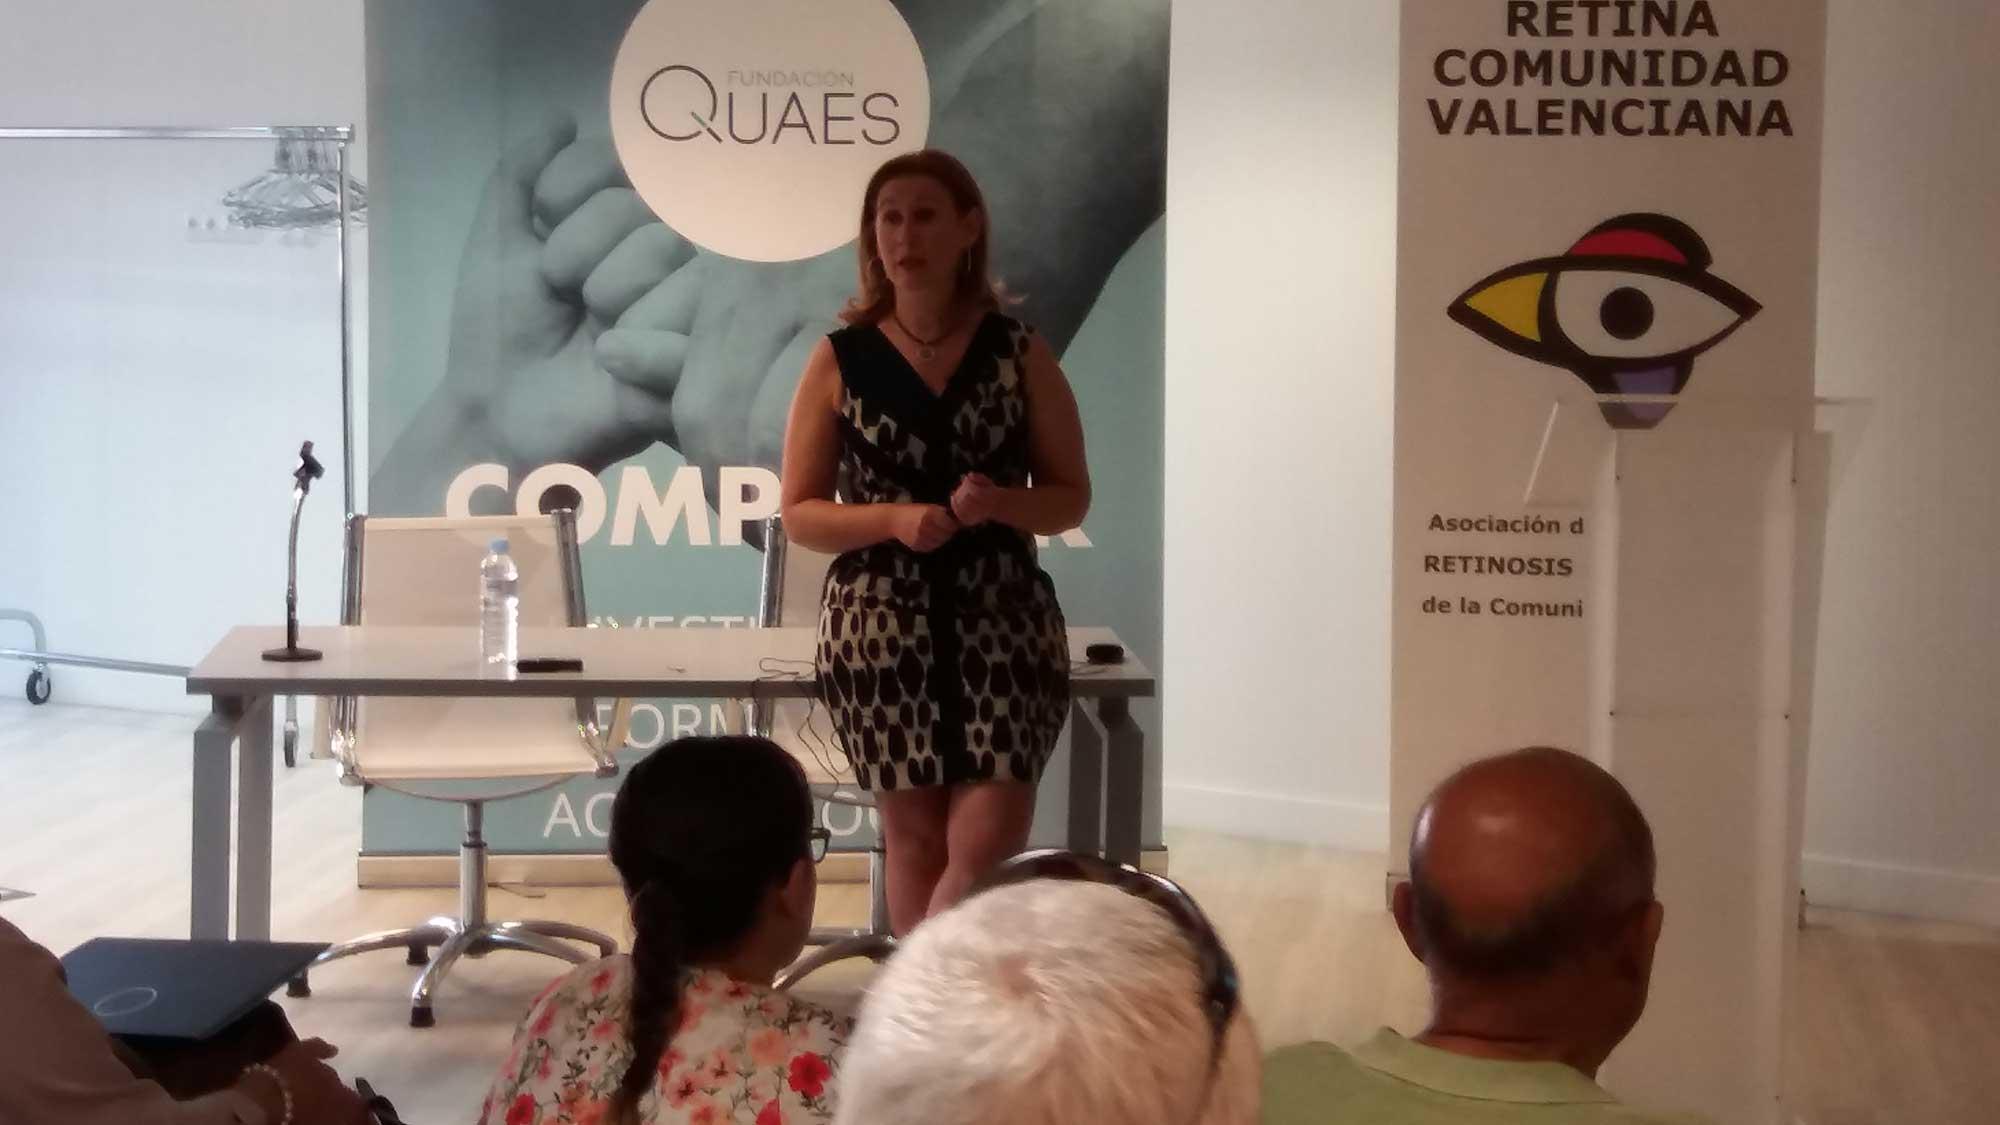 doctora María Elena Rodríguez, del servicio de oftalmología, sección de retina quirúrgica, del Hospital Universitario Virgen de la Arrixaca dio una charla en las instalaciones de la Fundación QUAES